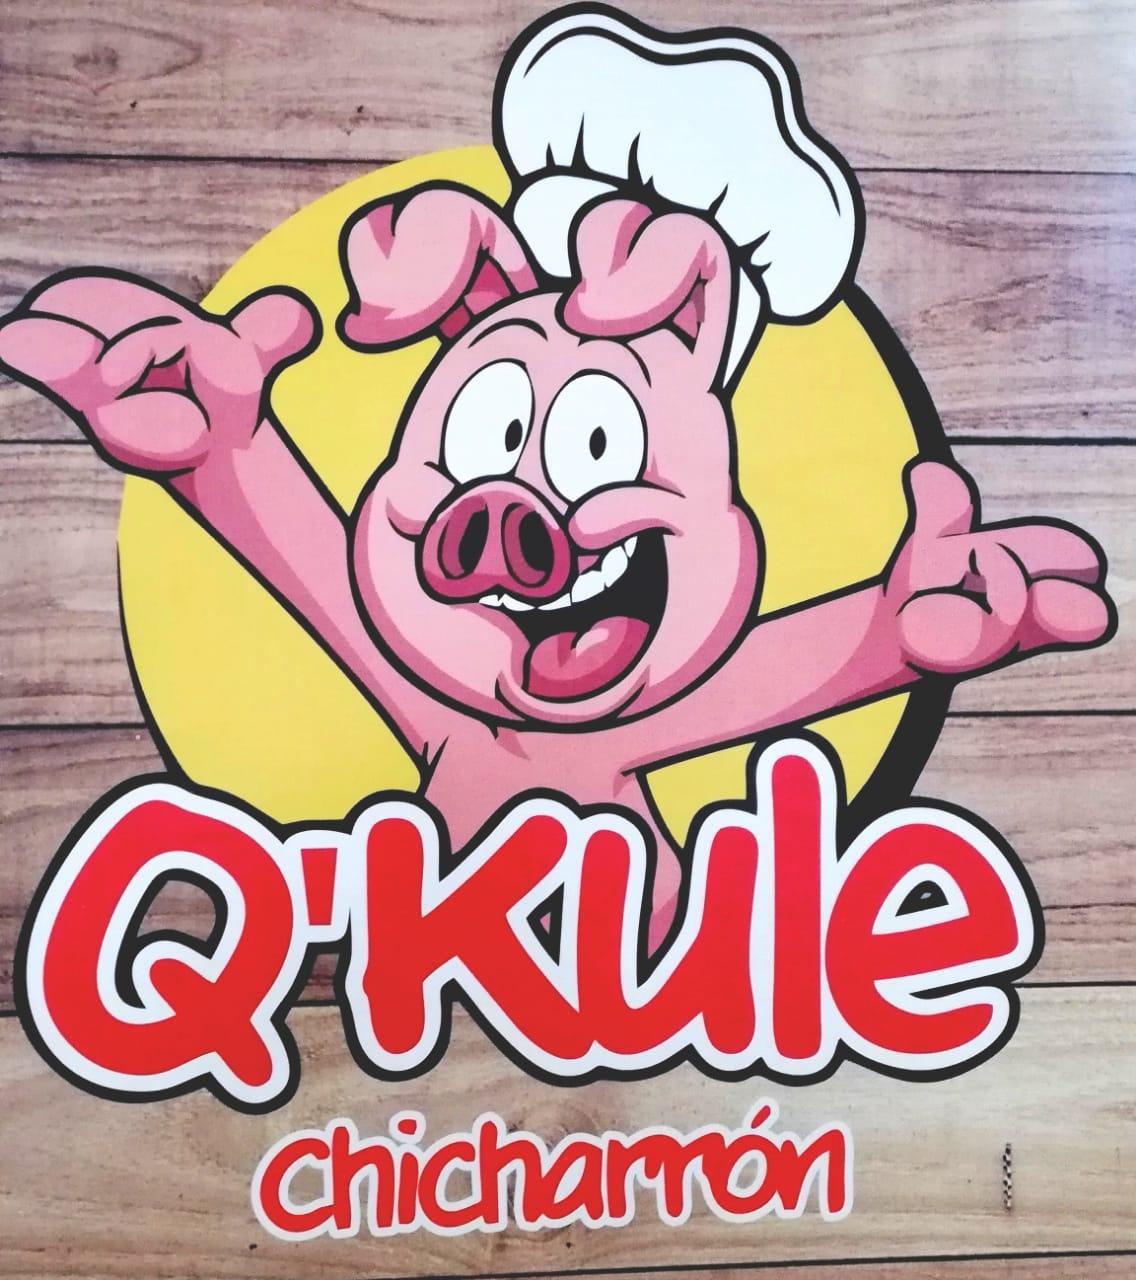 Q'Kule Chicharrón